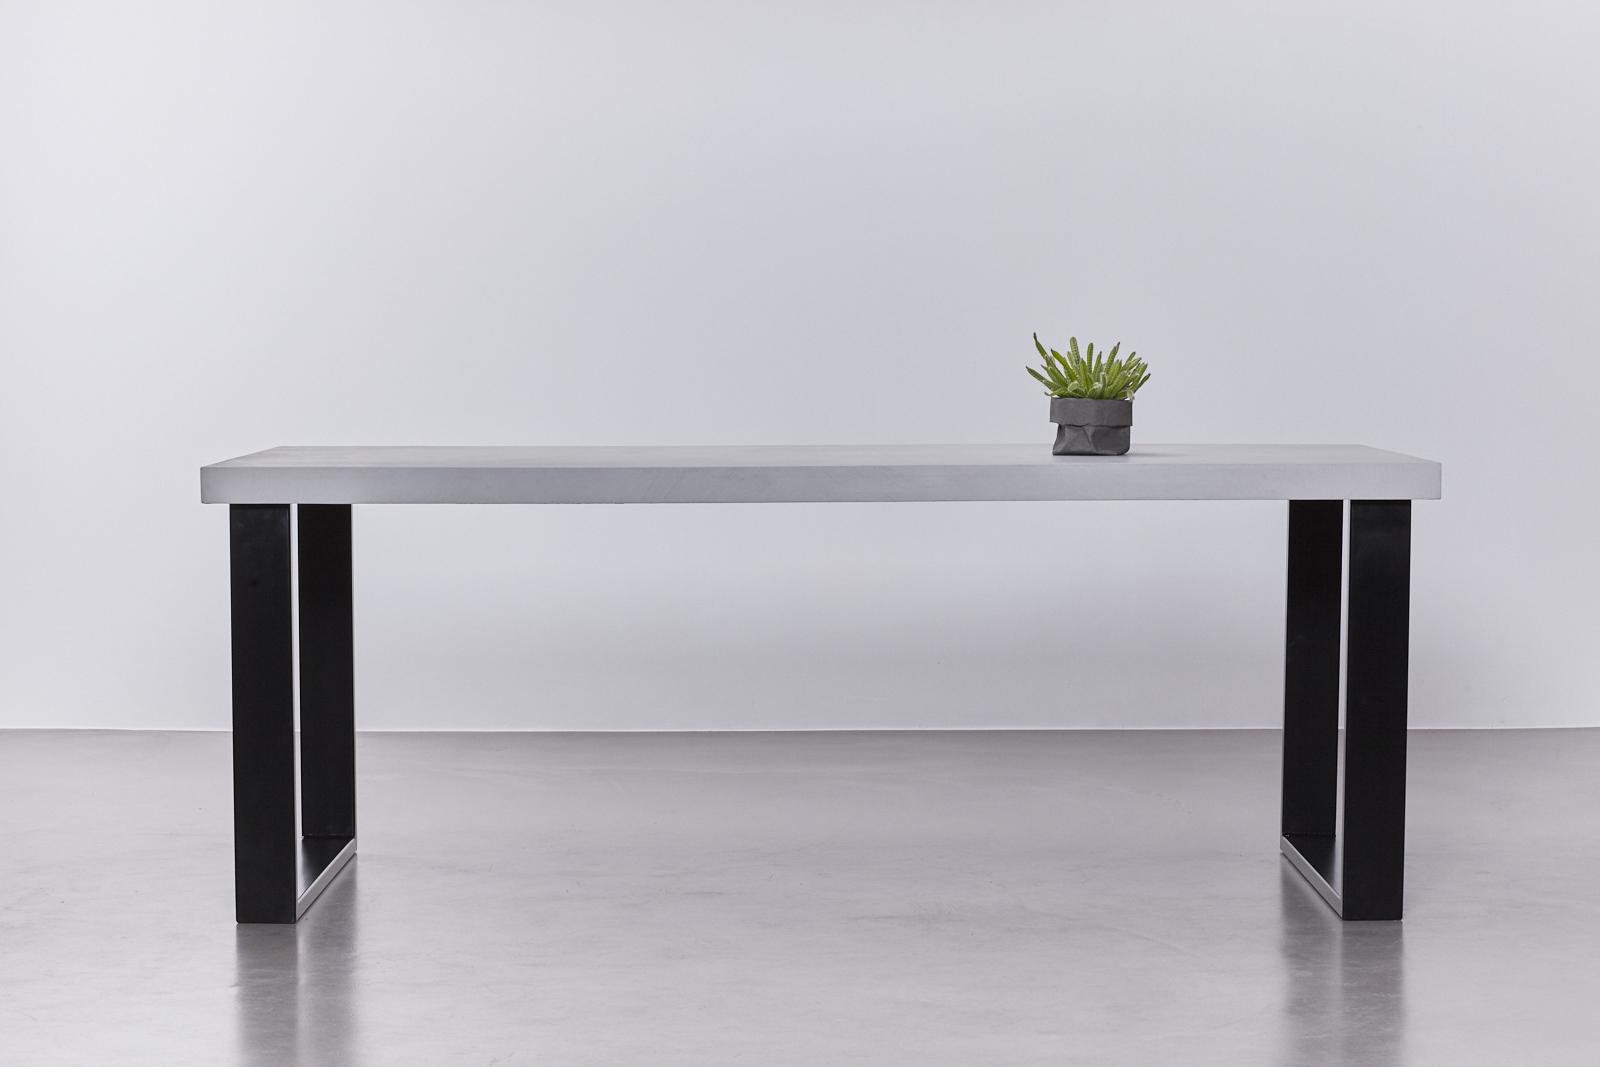 betonlook tafel onderstel staal zwart de betonfabriek. Black Bedroom Furniture Sets. Home Design Ideas